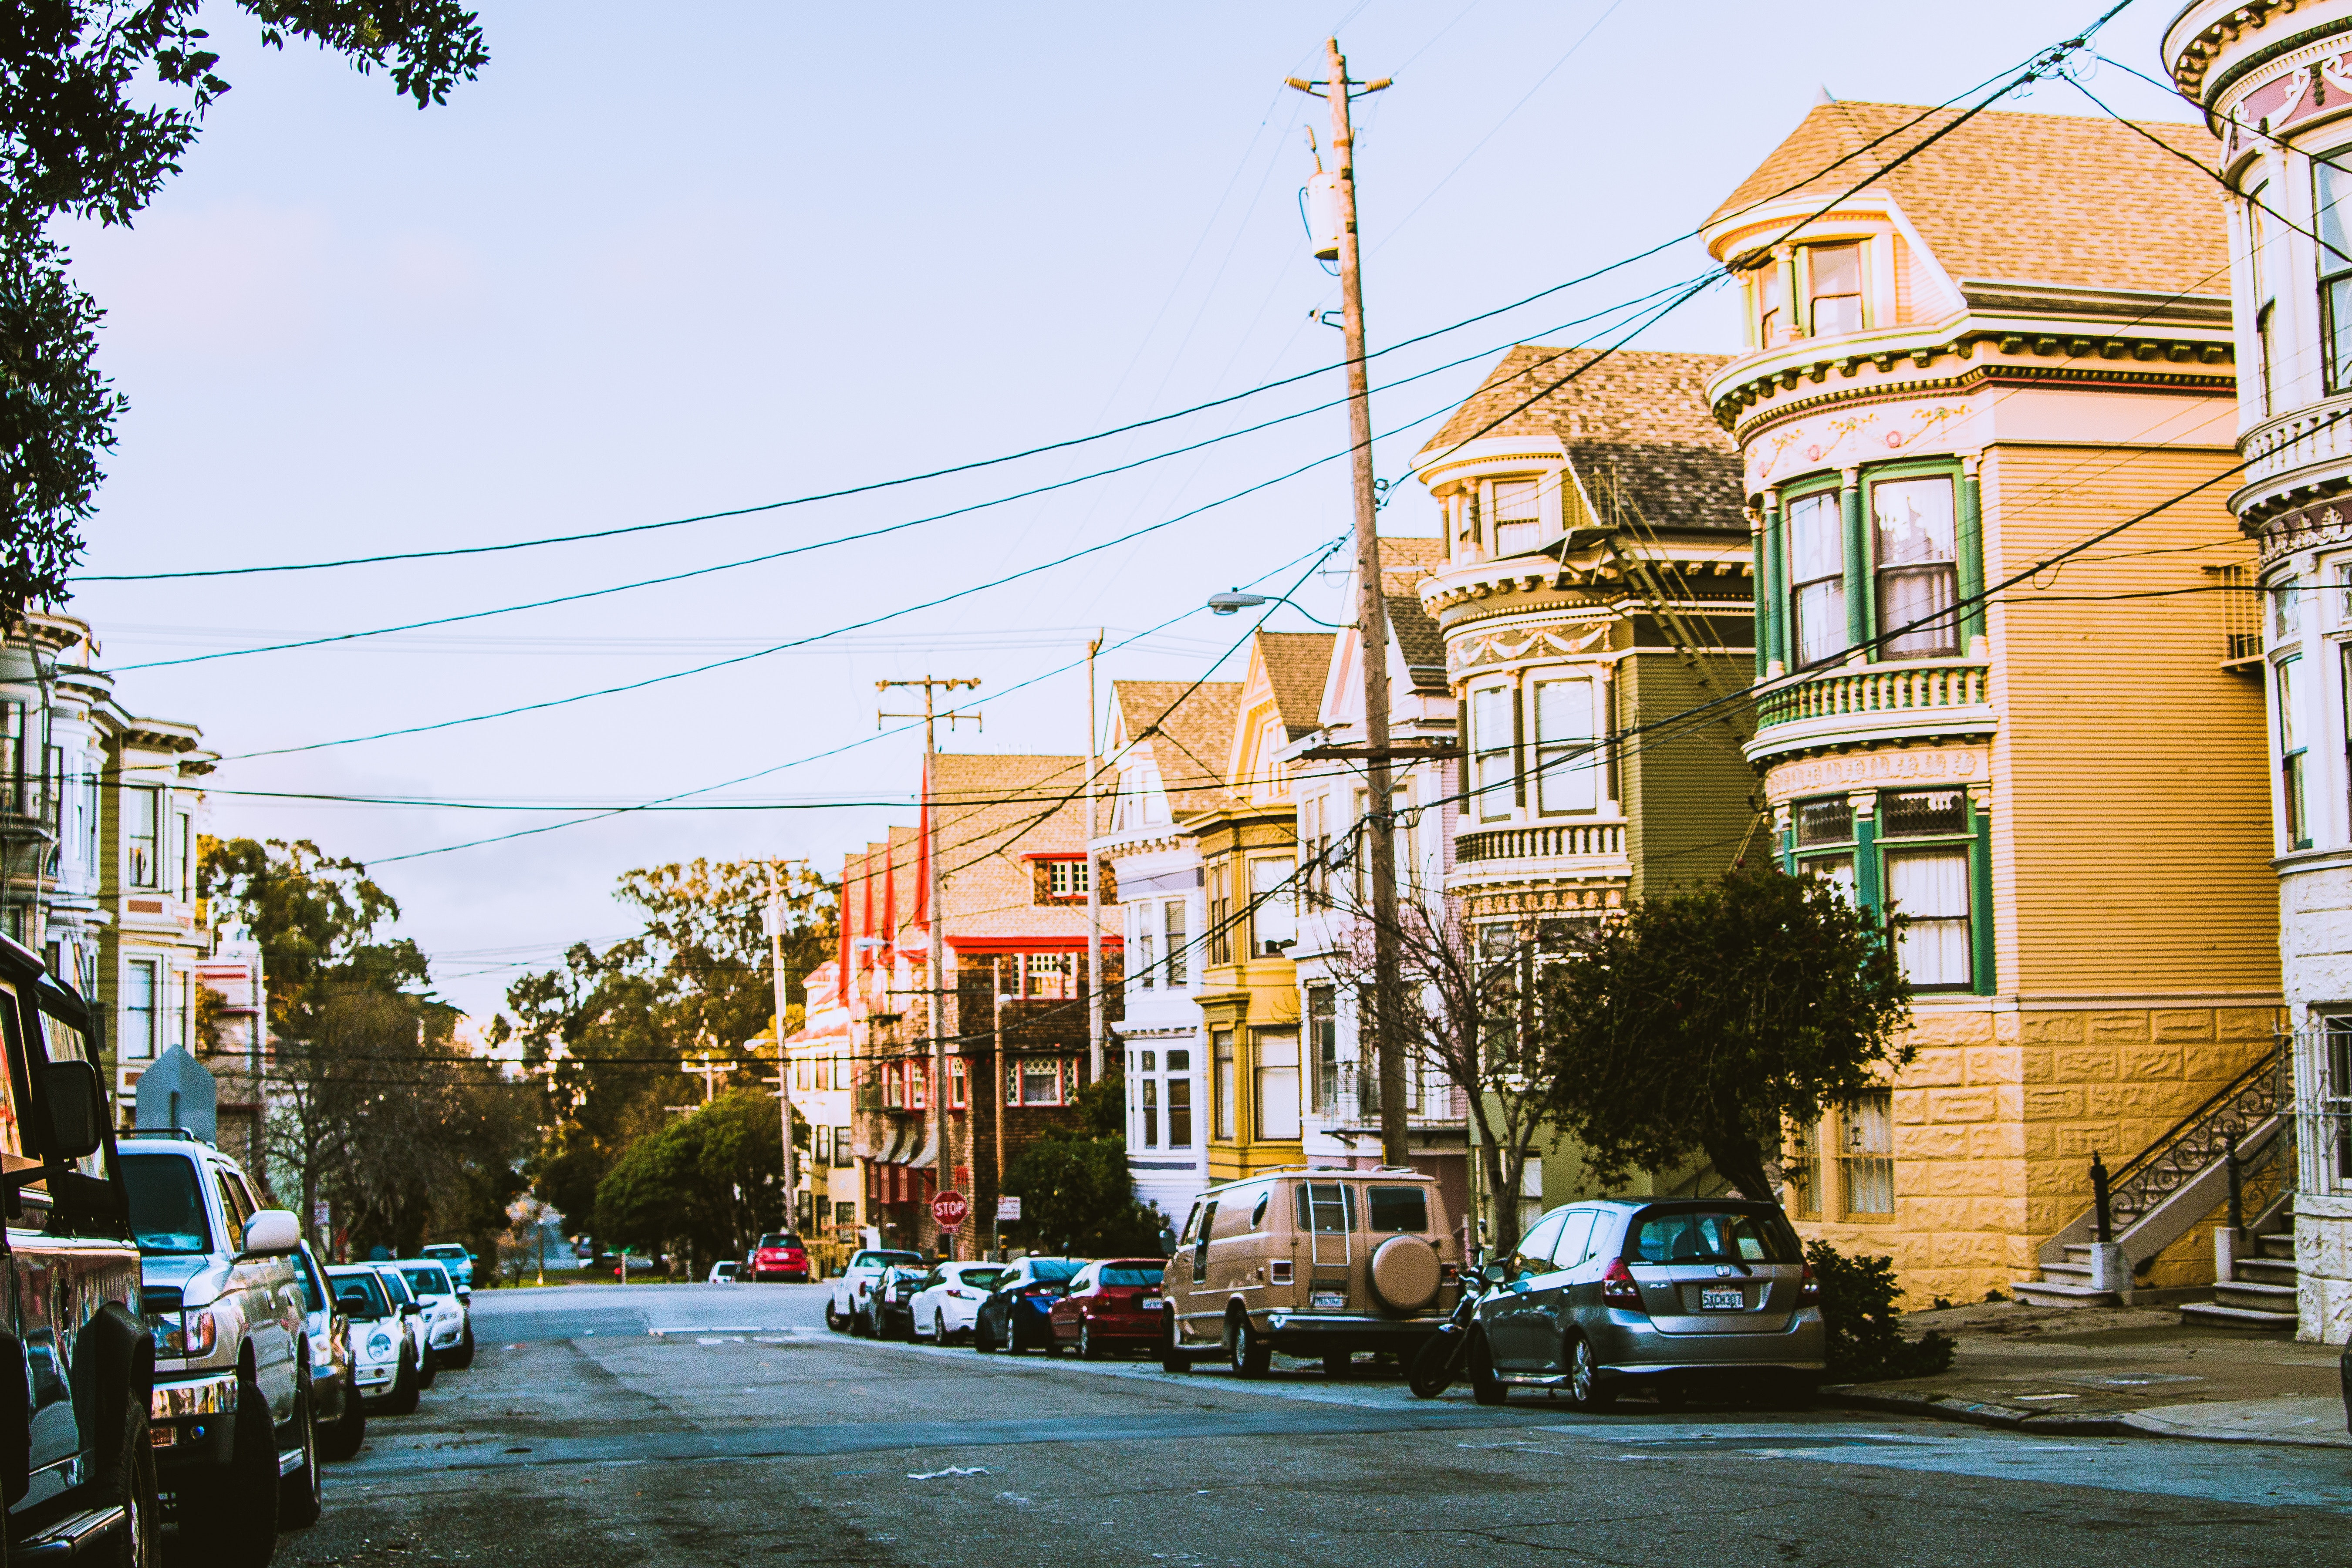 San Francisco voor insiders: tien prachtige, minder bekende plekken